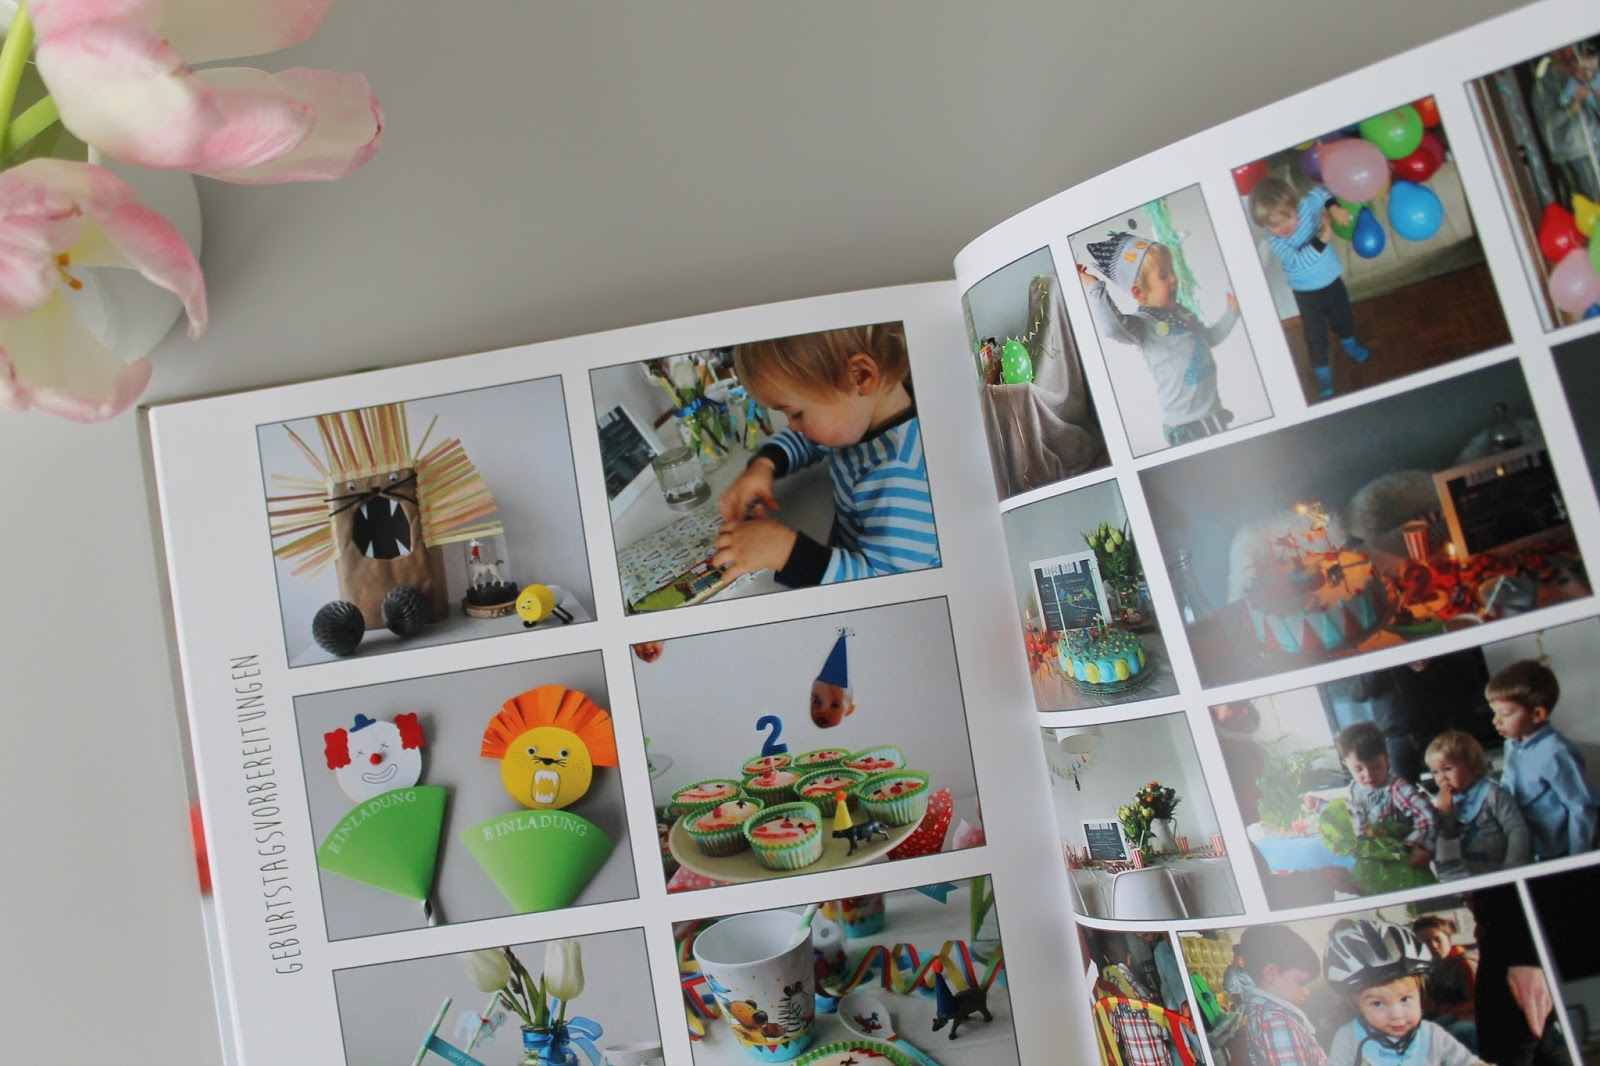 kleines freudenhaus pers nliche geschenkidee zum geburtstag ein lebensjahr fotobuch. Black Bedroom Furniture Sets. Home Design Ideas